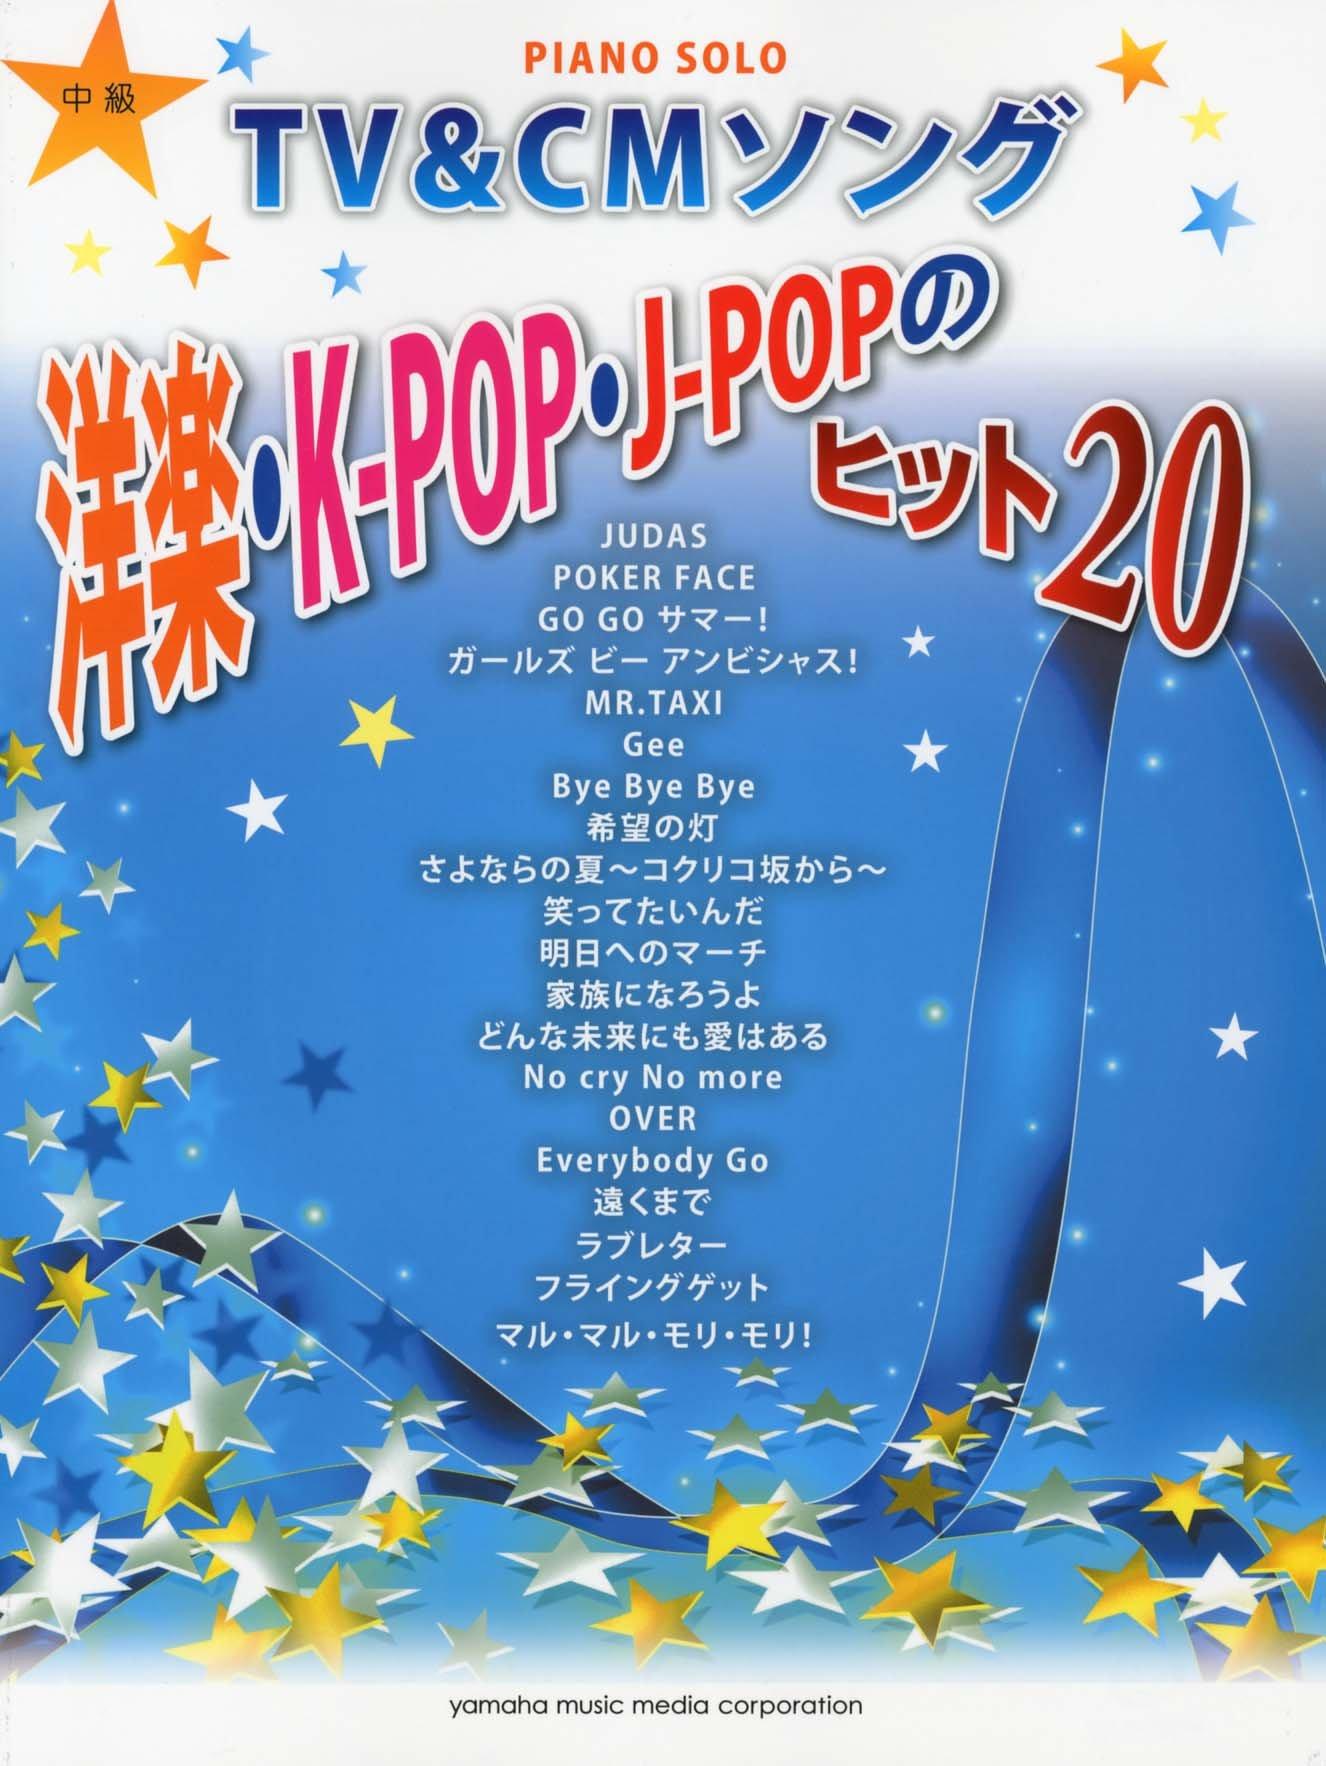 Tivui ando shiemu songu kepoppu je-Poppu no hitto niju. ebook